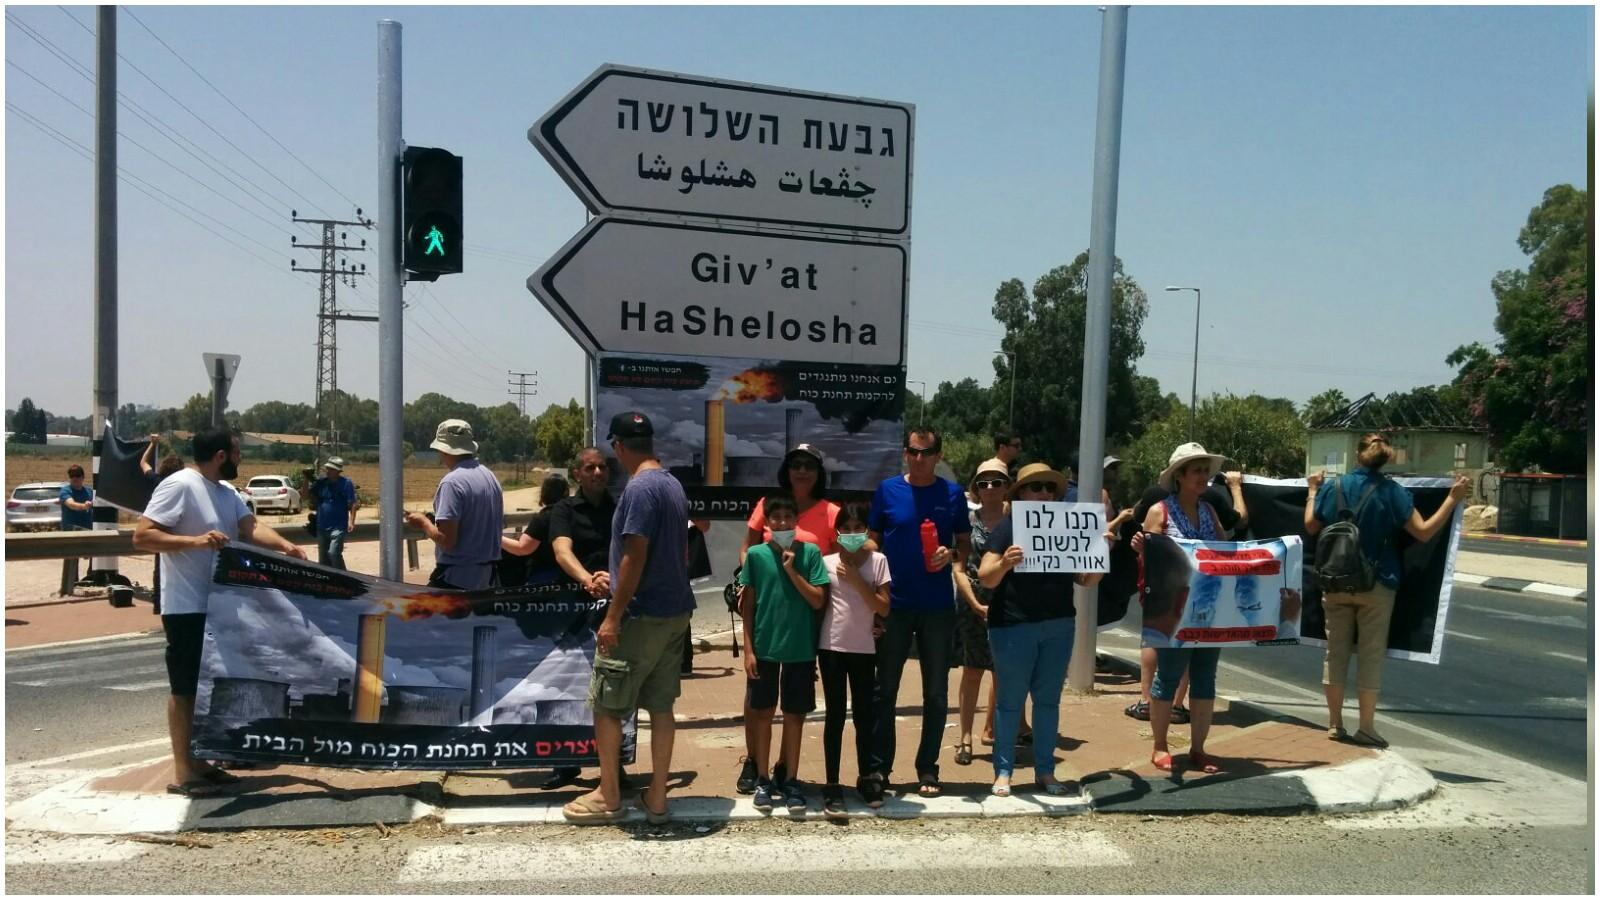 הפגנת המתנגדים להקמת תחנת הכוח מול קיבוץ גבעת השלושה. צילום אליעזר קצנשטיין